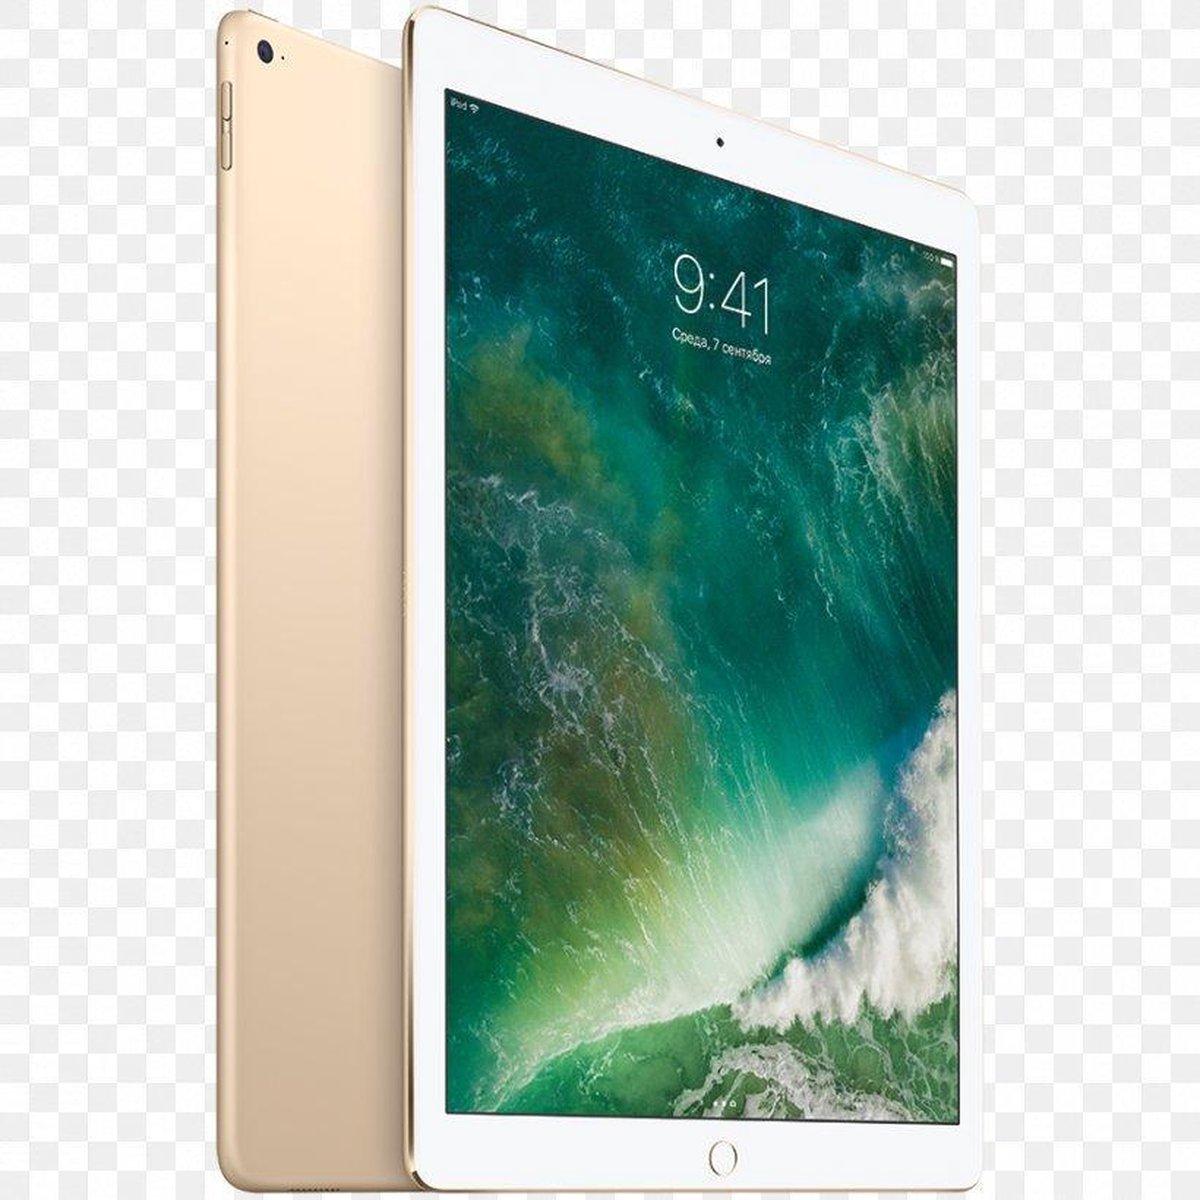 iPad Mini 4 16GB Goud Wifi only | Zo goed als nieuw | A grade | 2 Jaar Garantie